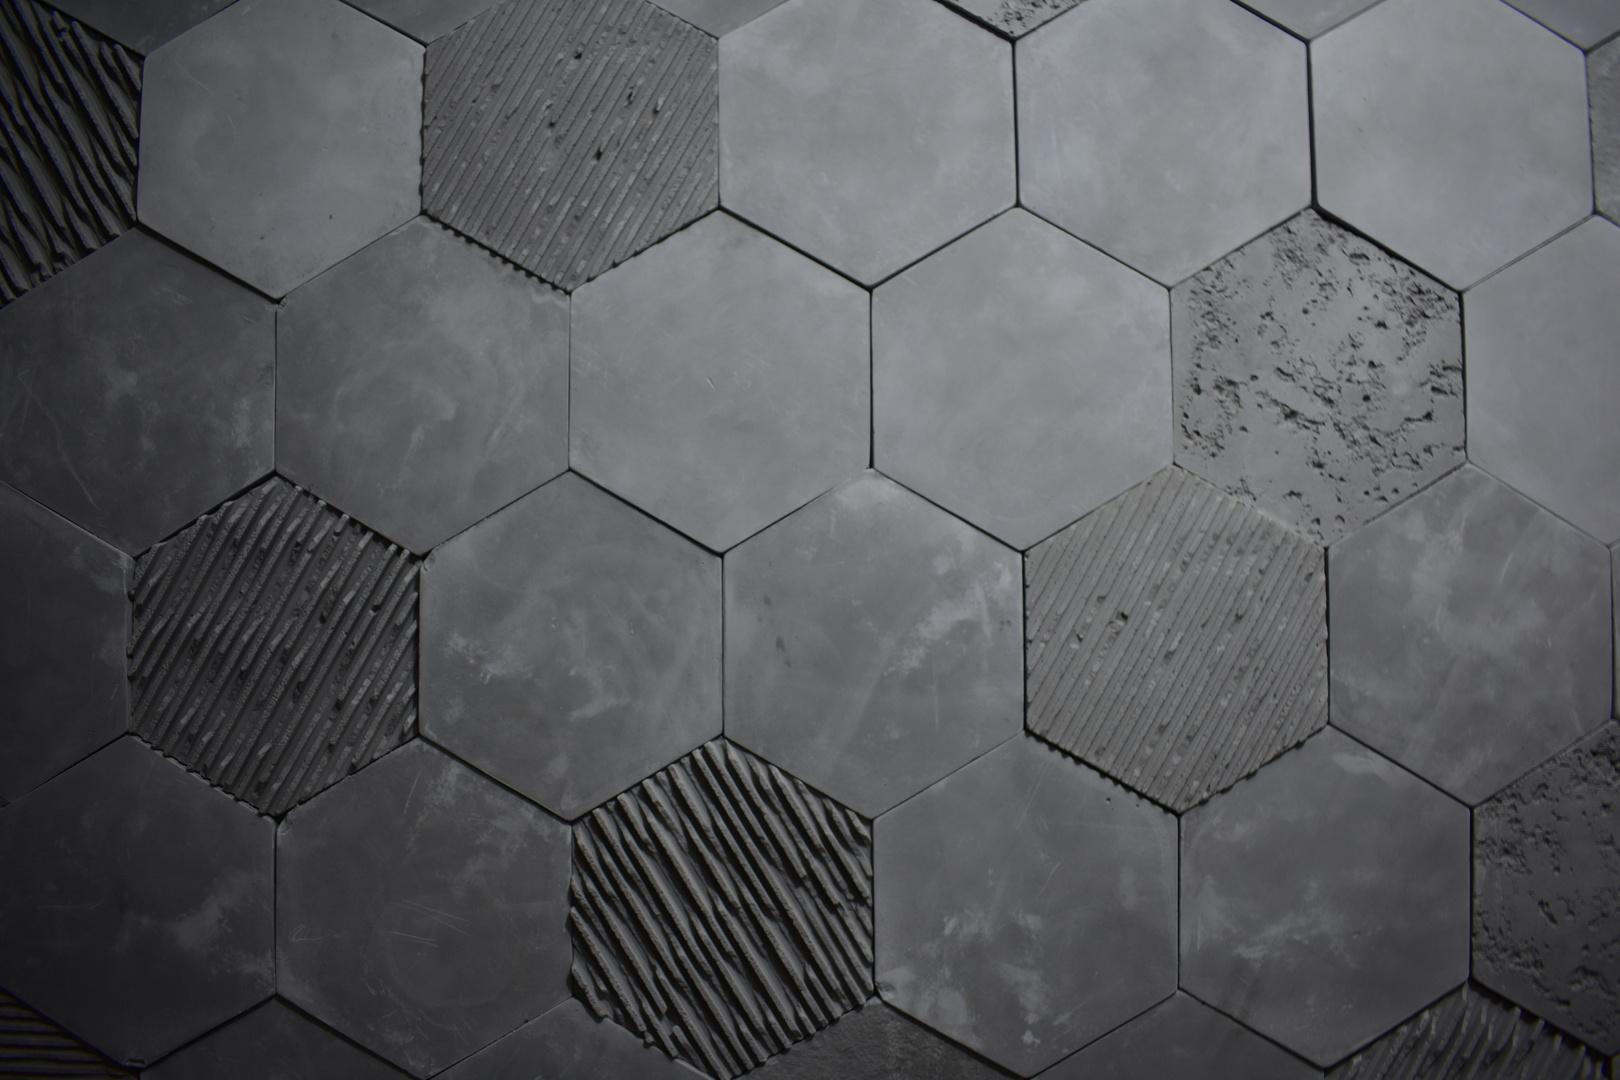 Fototapeta 3D Honeycomb, antracyt, beton, Hexagon, styl loft